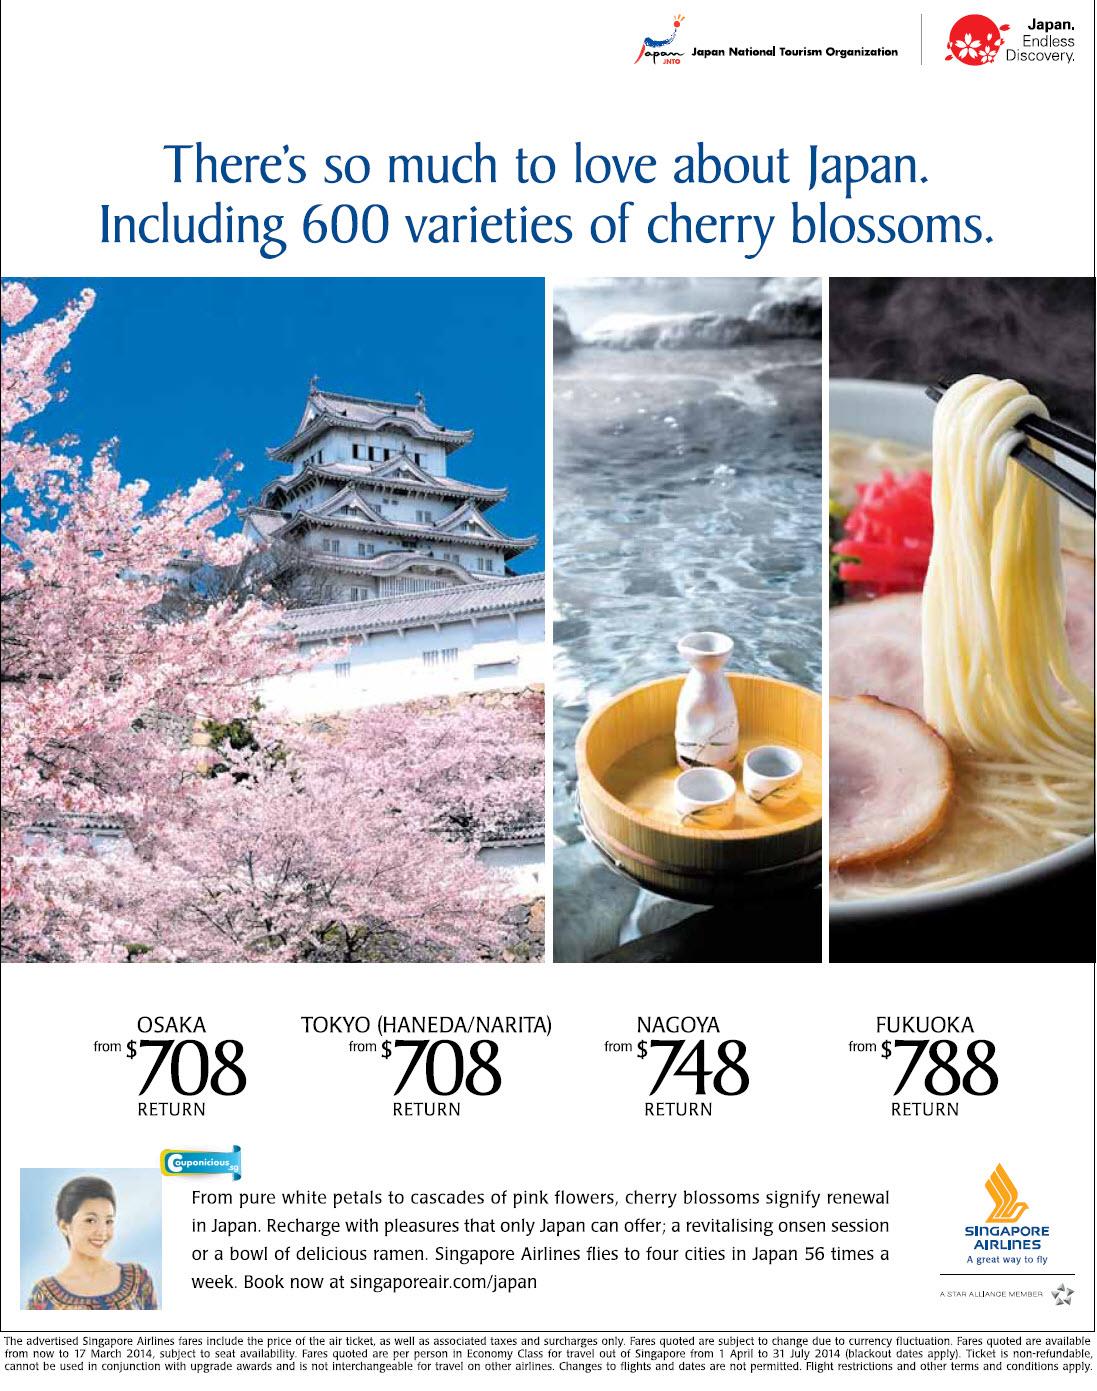 Nagoya coupons